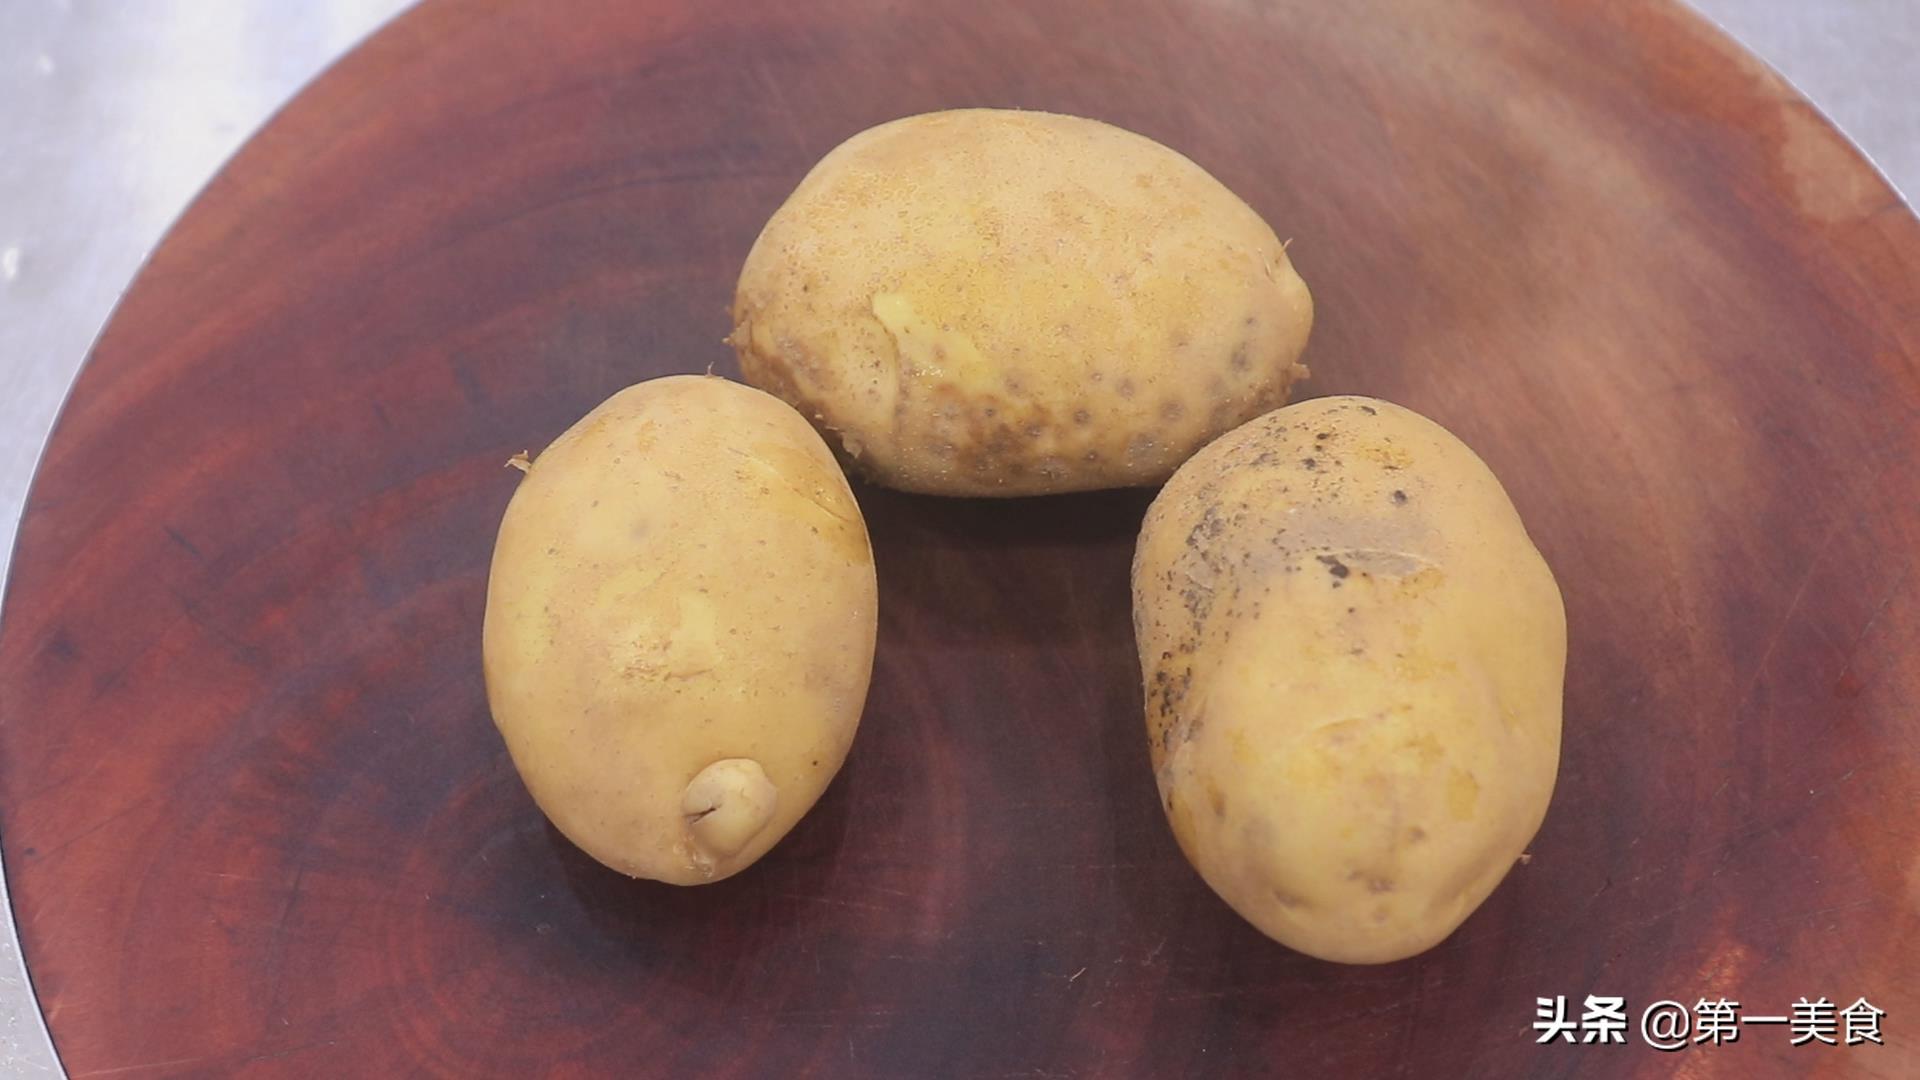 想吃薯片不用买,自己在家炸的一样嘎嘣脆,三个土豆炸一大锅 美食做法 第2张